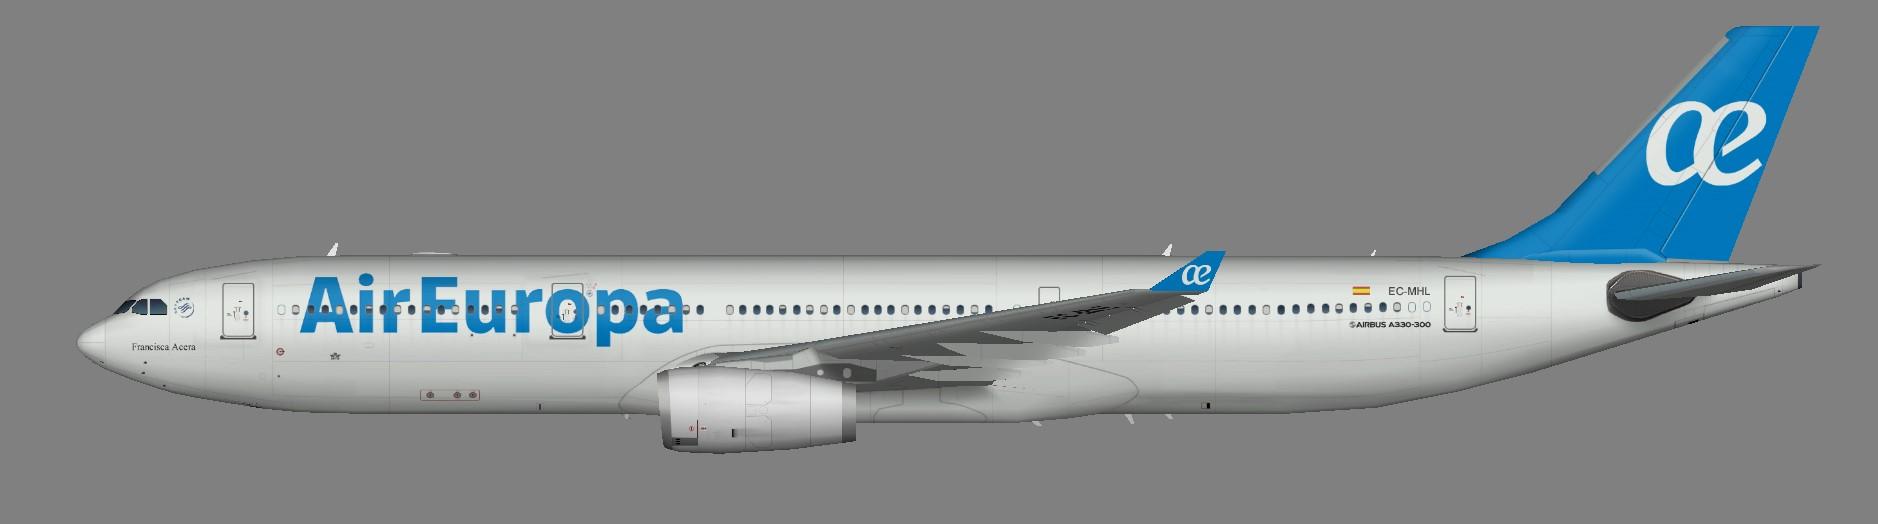 air-europa-a330-300k.jpg